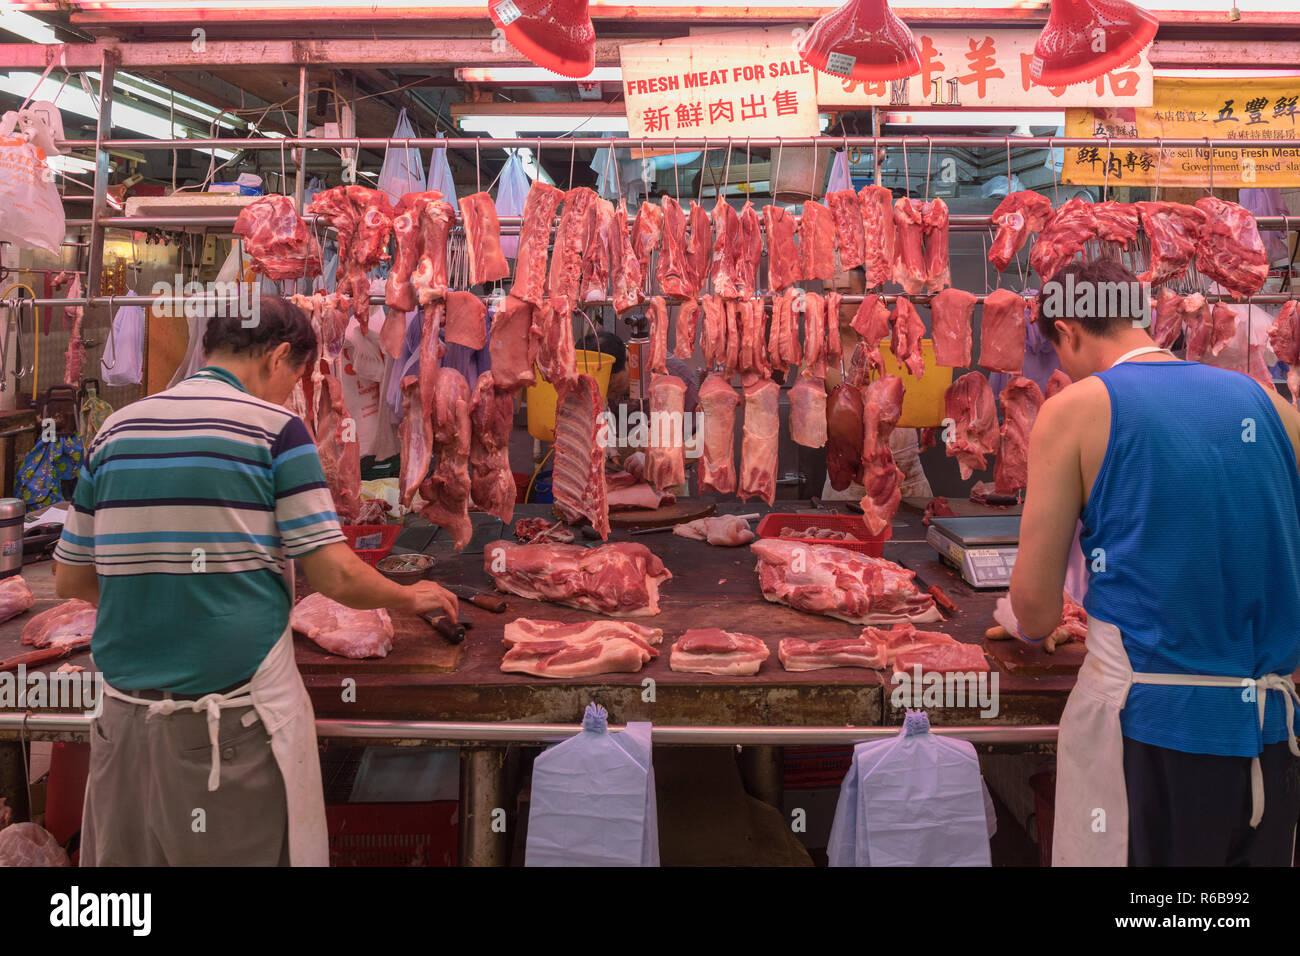 KOWLOON, HONG KONG - APRIL 21, 2017: Butcher Stall at Fa Yuen Street Market in Kowloon, Hong Kong. - Stock Image